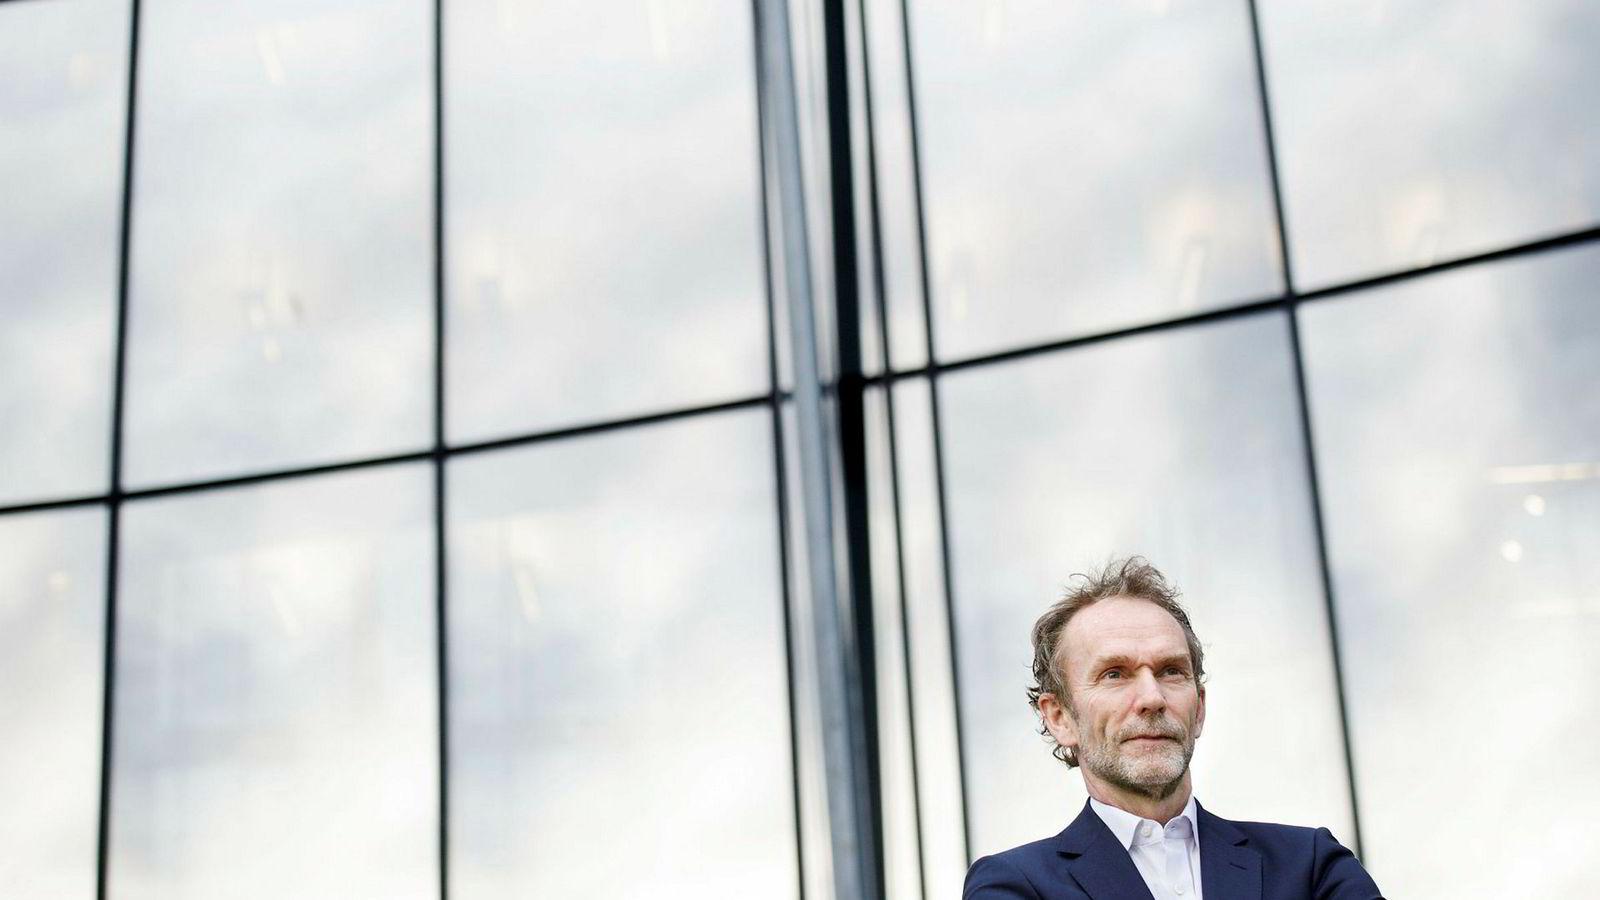 Sjeføkonom Harald Magnus Andreassen i Sparebank 1 Markets mener det er en risiko for at Oslo Børs blir dratt med ned av global økonomi